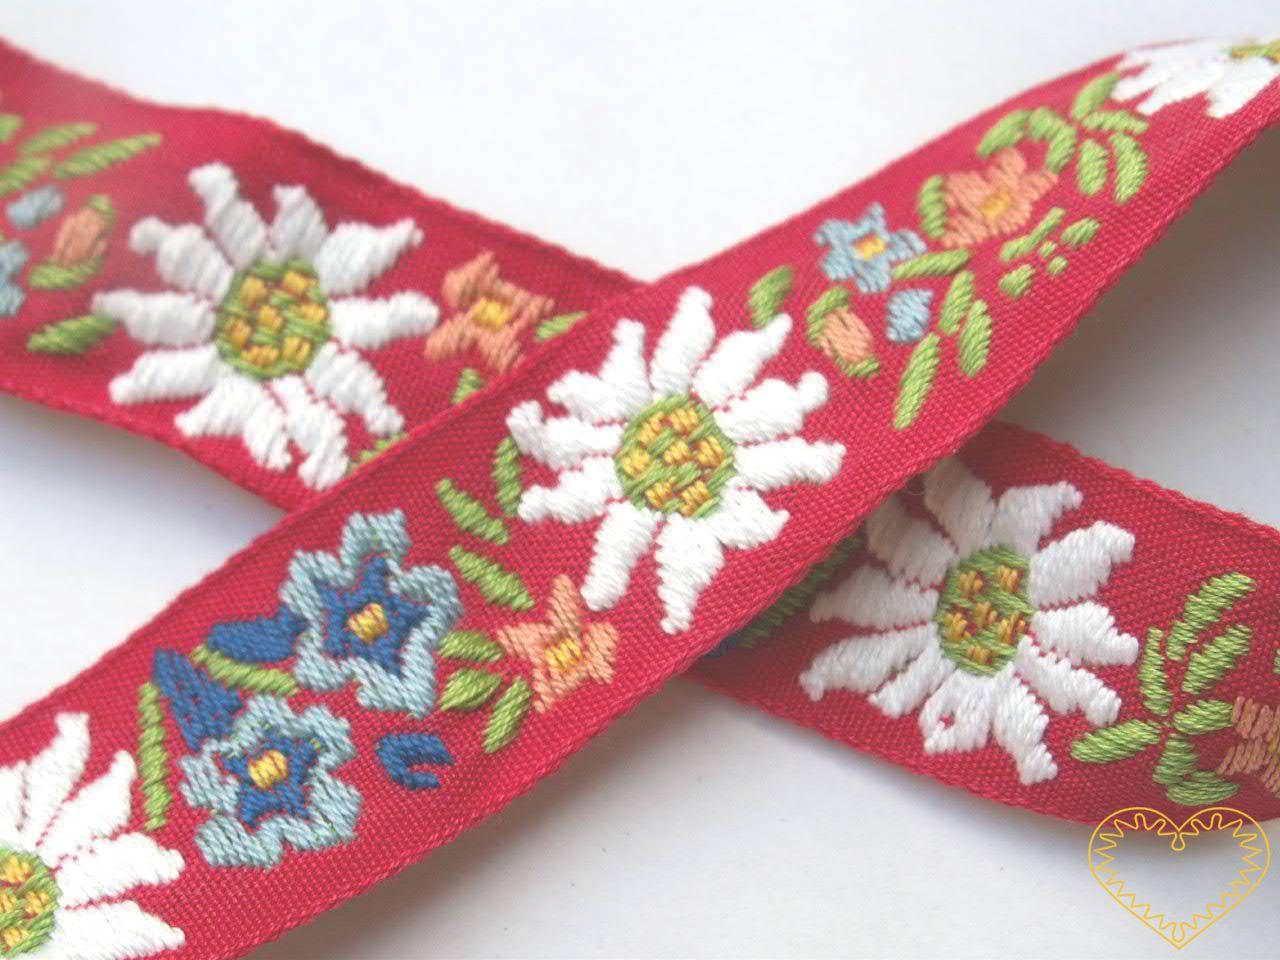 Červená krojová stuha s alpskými květy - vzorovka - šíře 2,5 cm. Textilní tkaná stuha s jemným vzorkem je vhodná zvláště k lemování tkanin, zdobení krojů a šatů panenek a maňásků. Vzory s alpskými květy jsou obzvláště oblíbeny v lidovém oděvu u našic